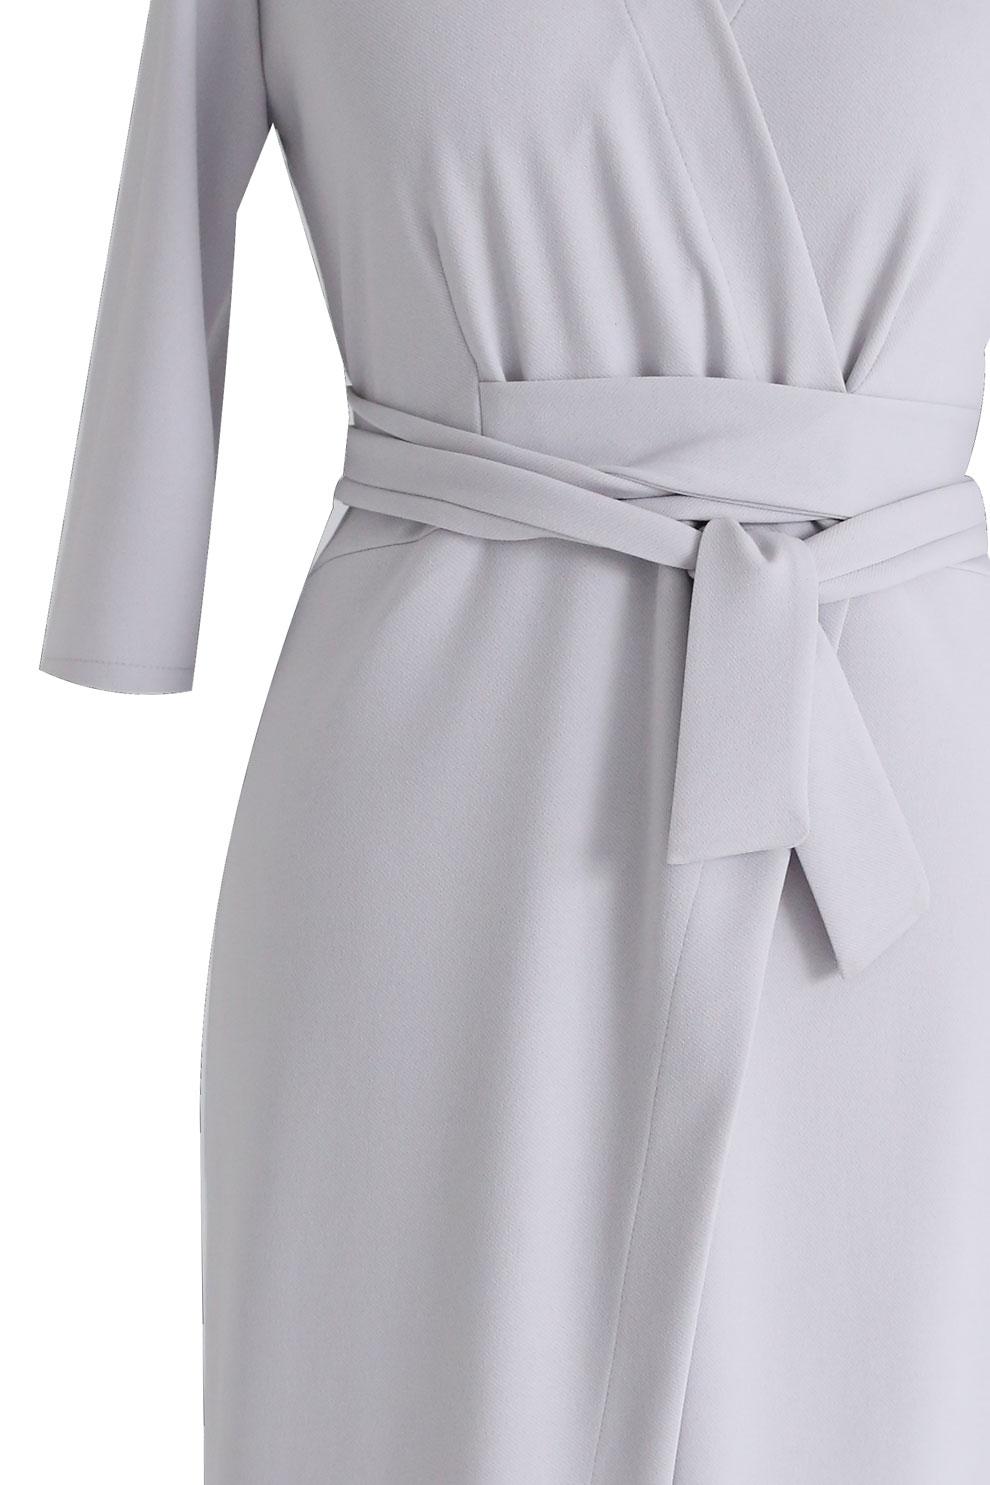 c9f5f098 Jasnoszara sukienka z wiązaniem - VENEZIA - Sklep PLUS SIZE XL-ka